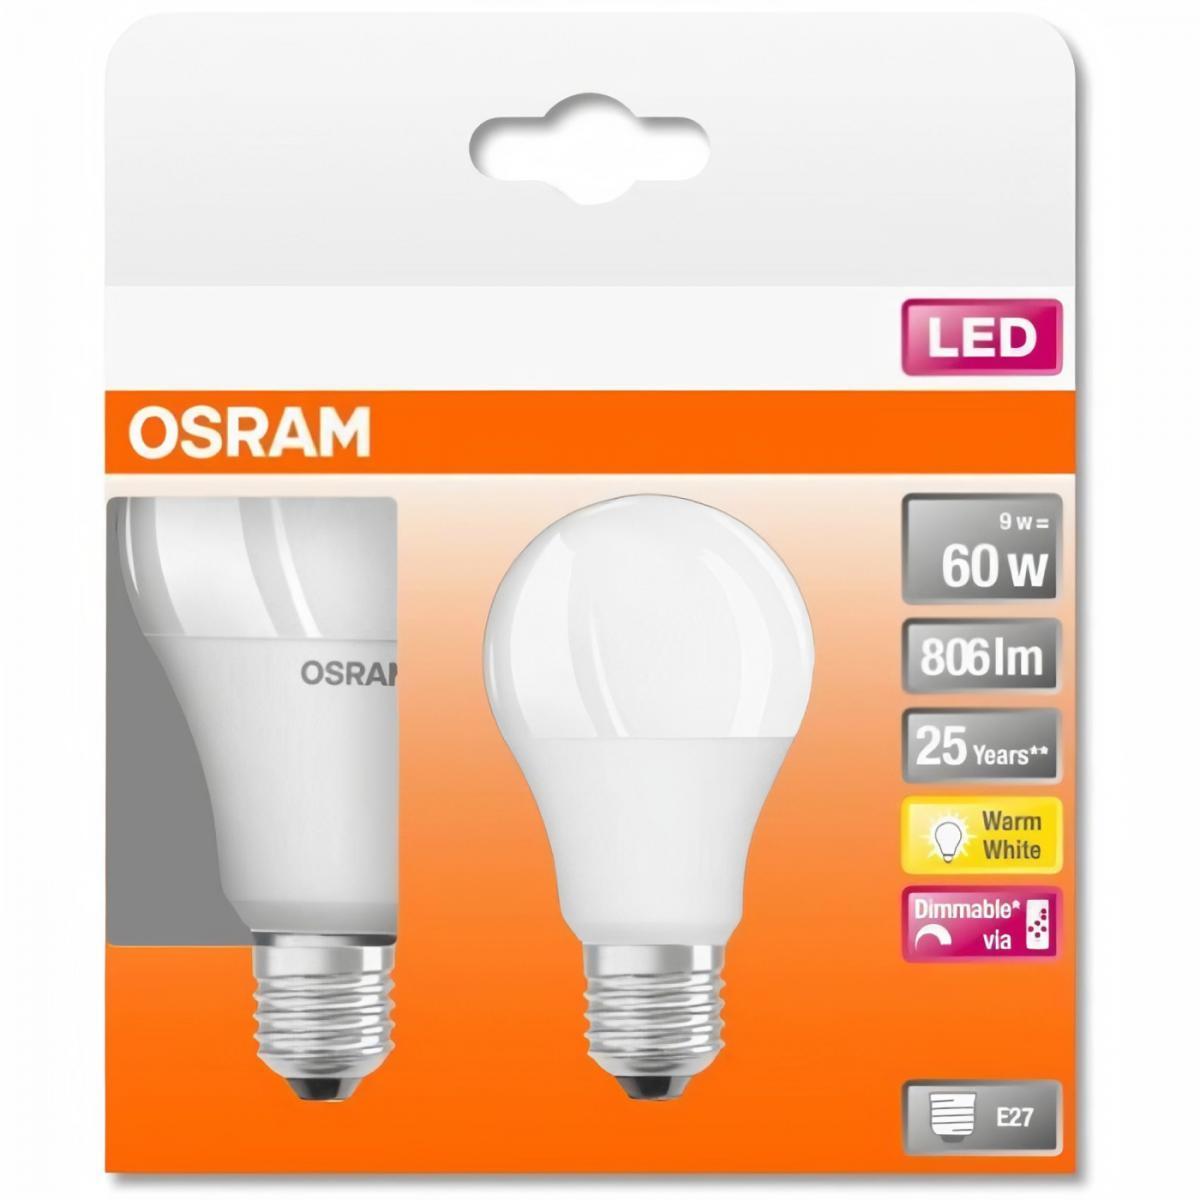 Osram OSRAM Boite de 2 Ampoules LED STAR+ Std RGBW dép radiateur variable - 9W équivalent 60W E27 - Blanc chaud